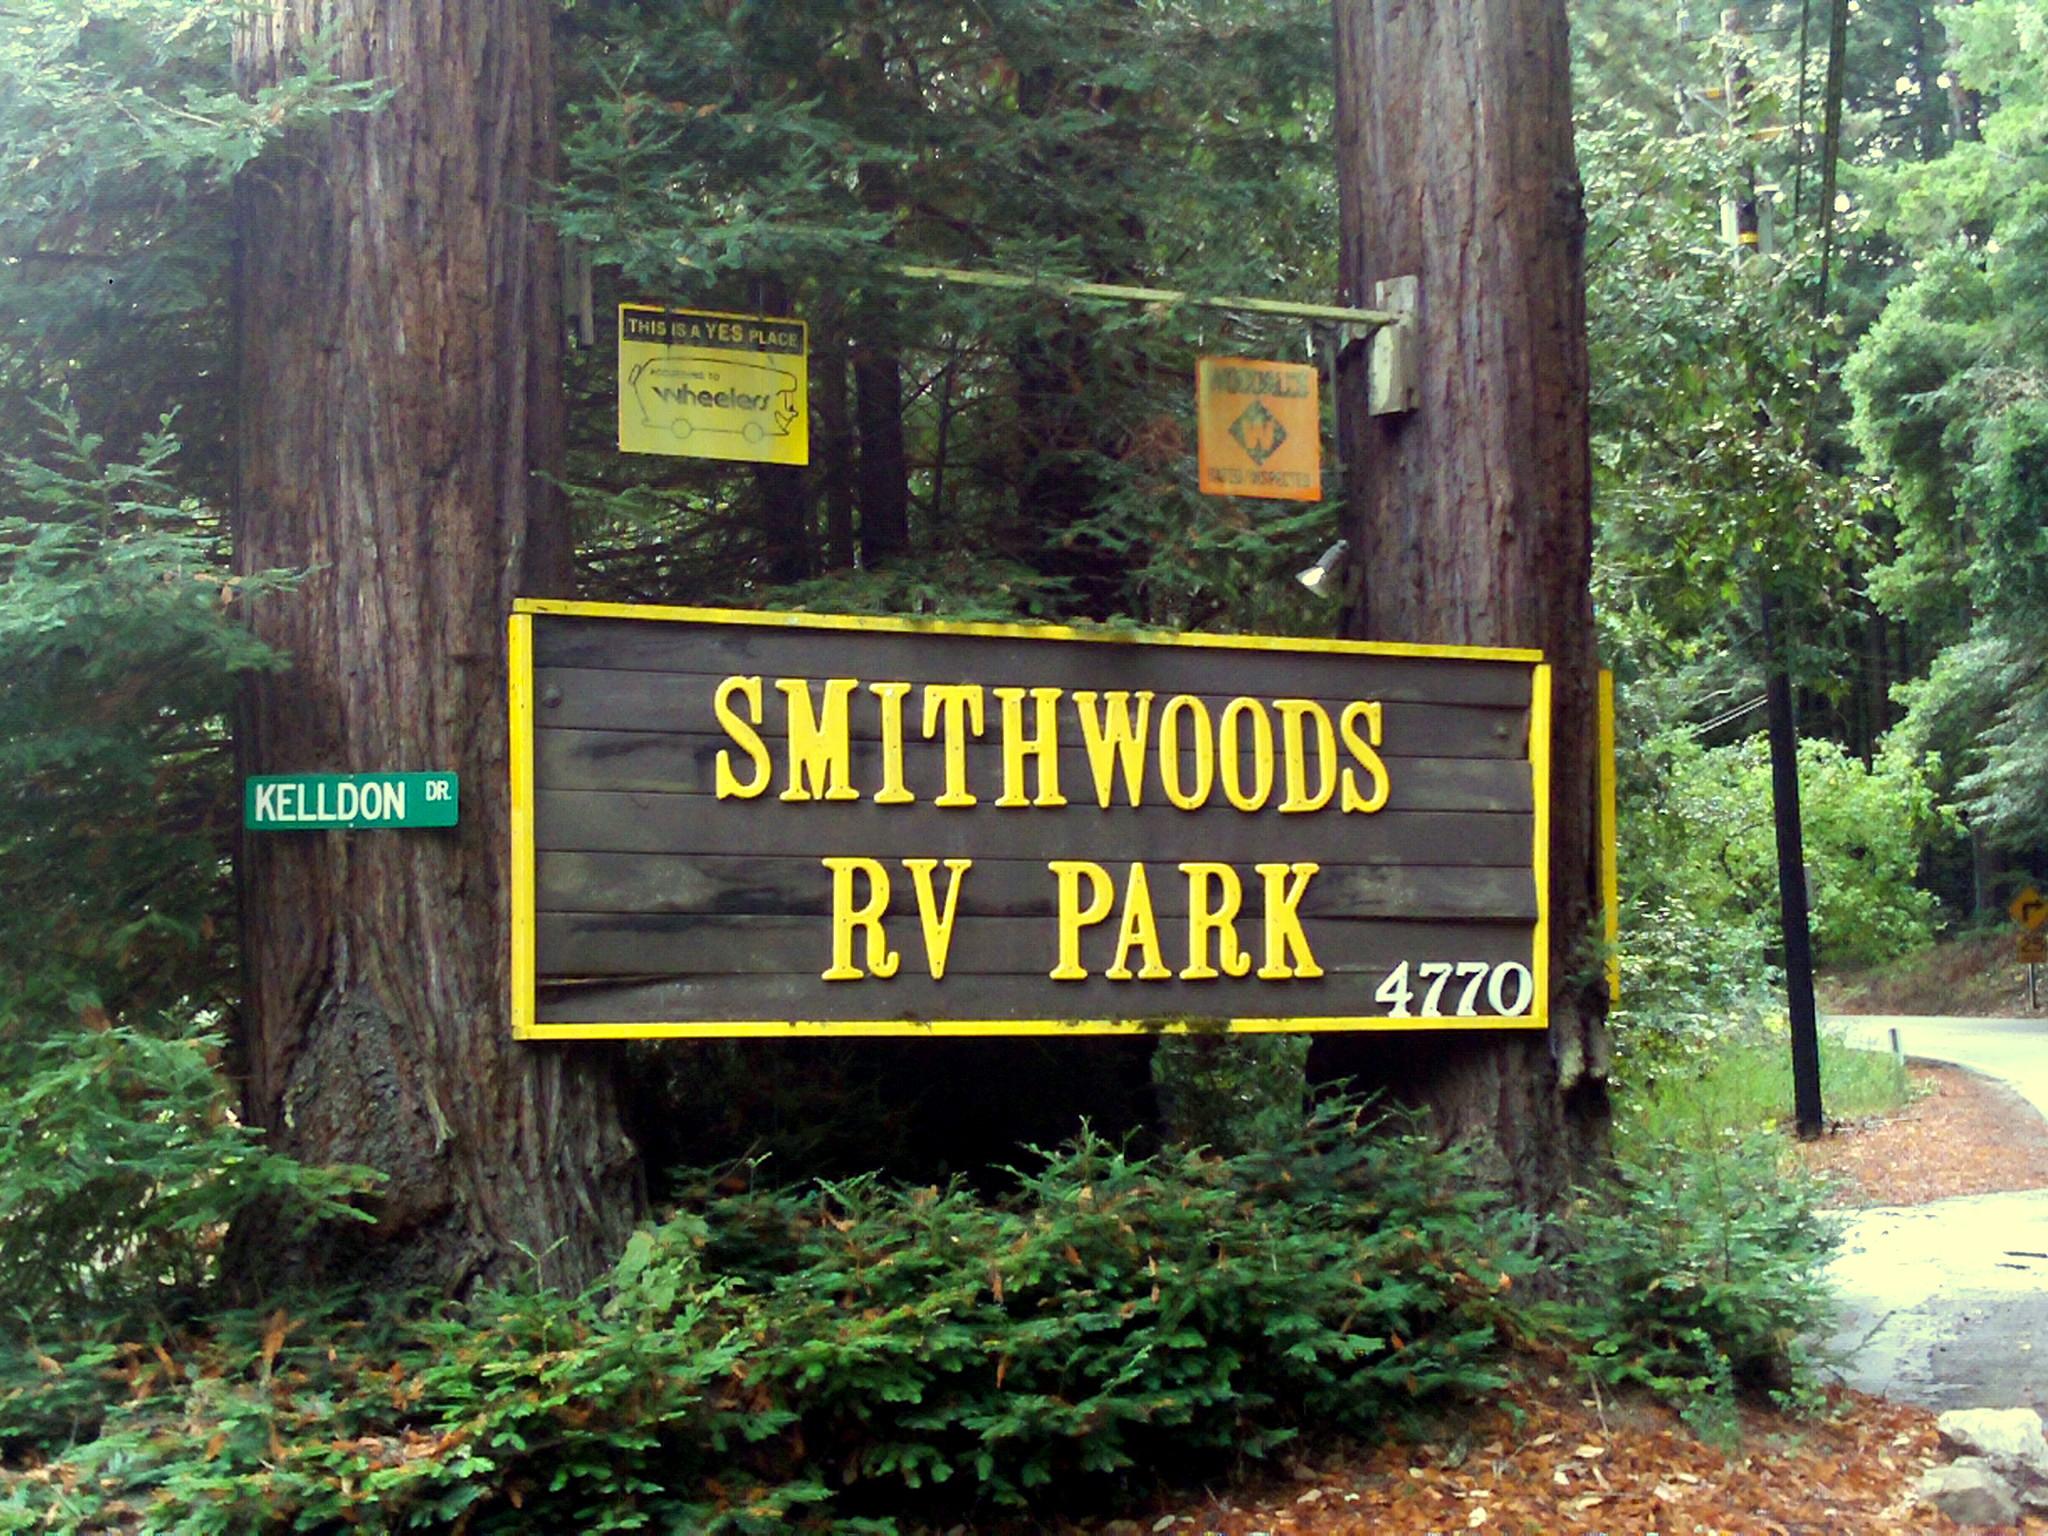 Smithwoods RV Park